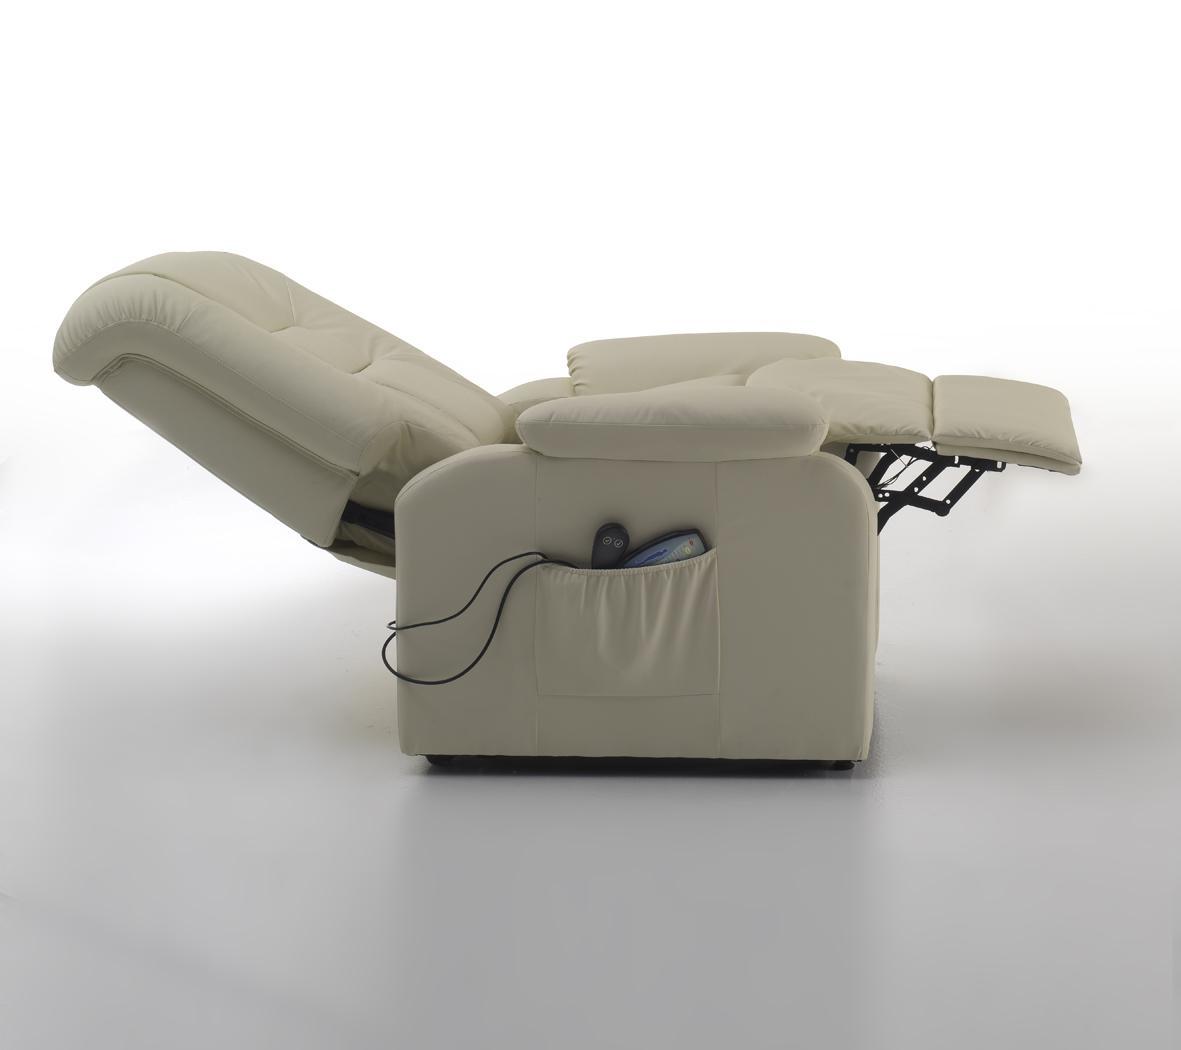 Poltrona elettrica relax con massaggio e alzapersona for Poltrona alzapersona